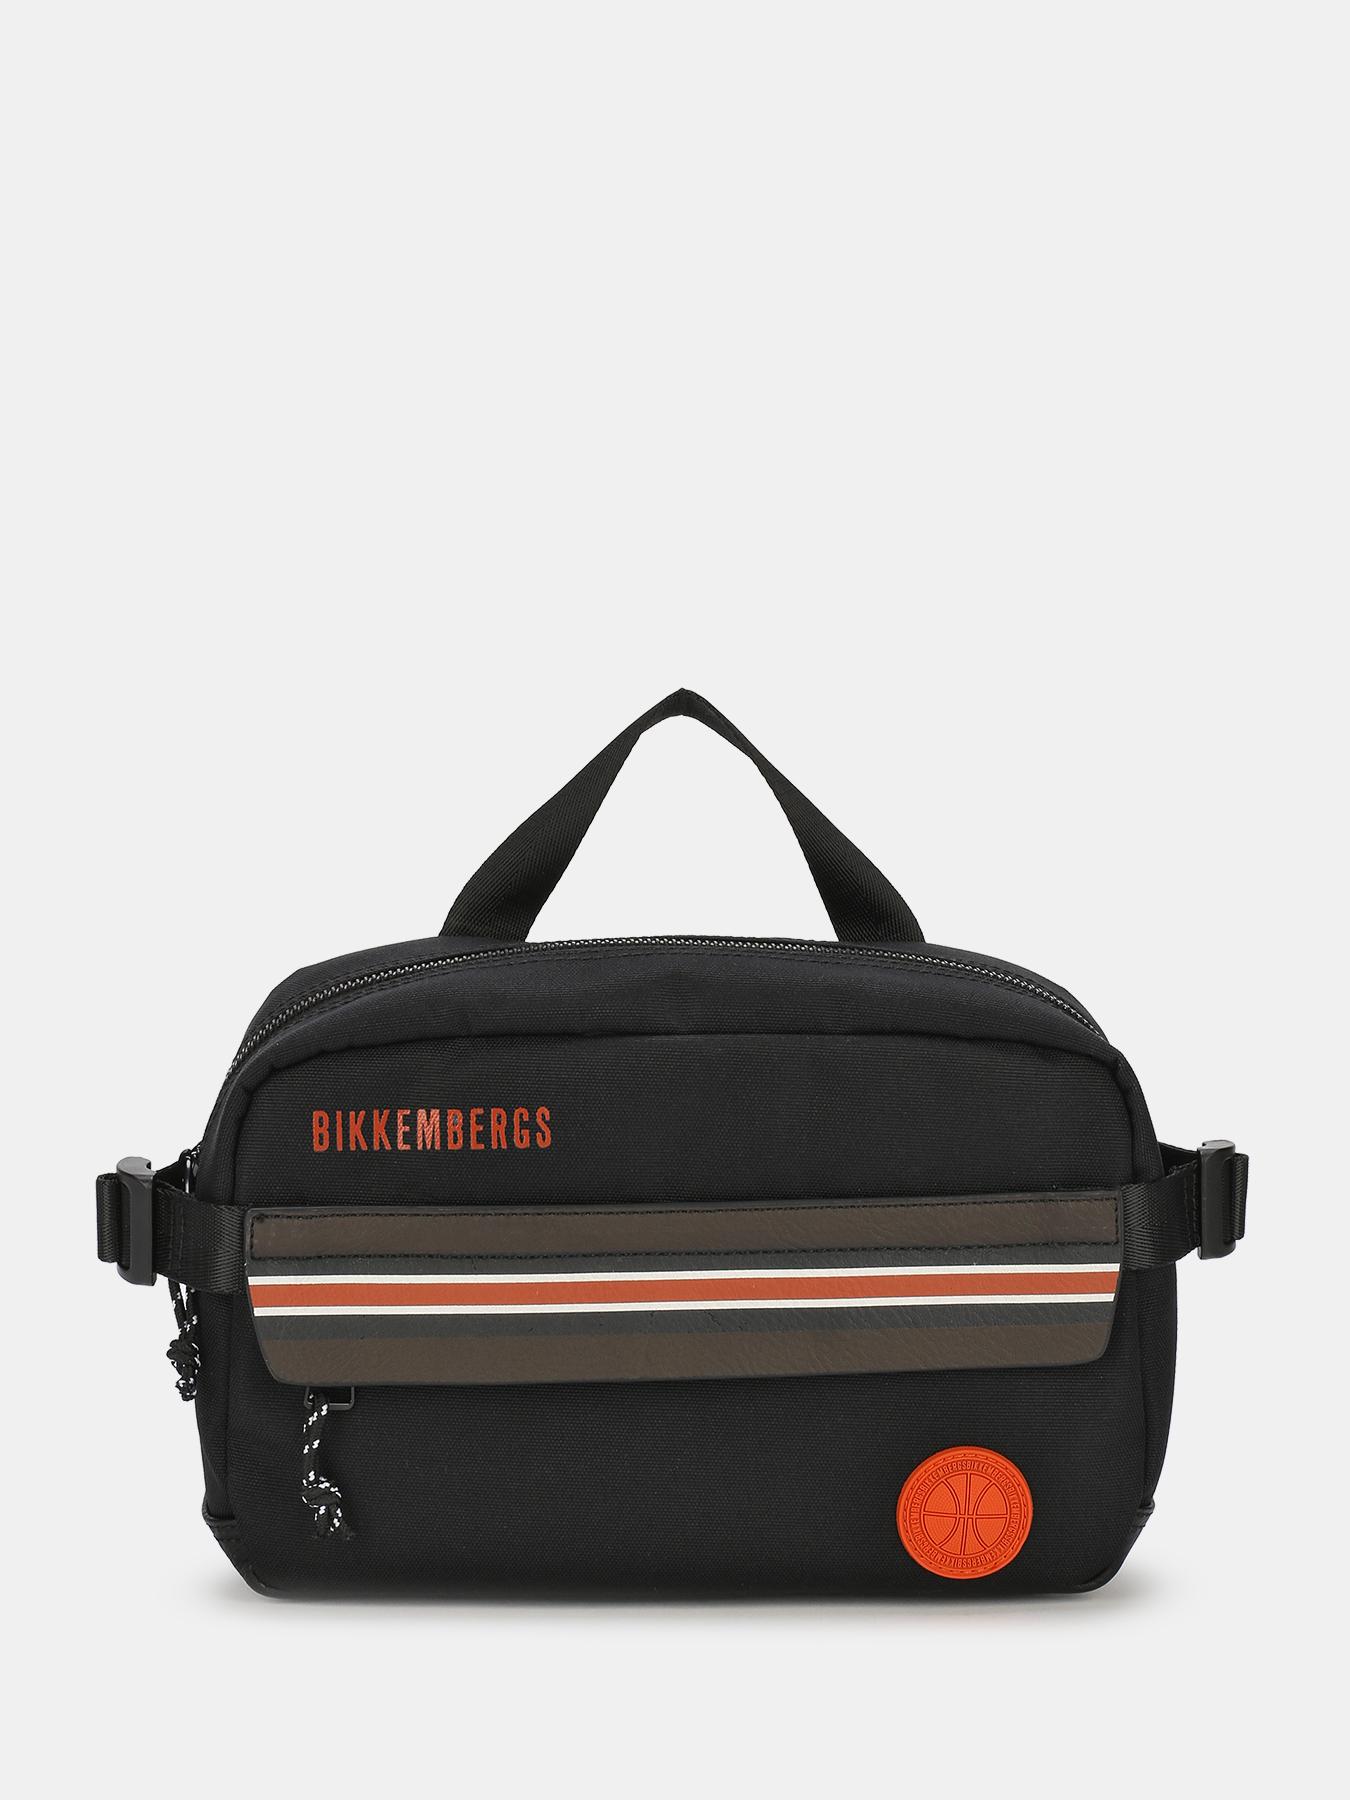 Поясные сумки Bikkembergs Поясная сумка